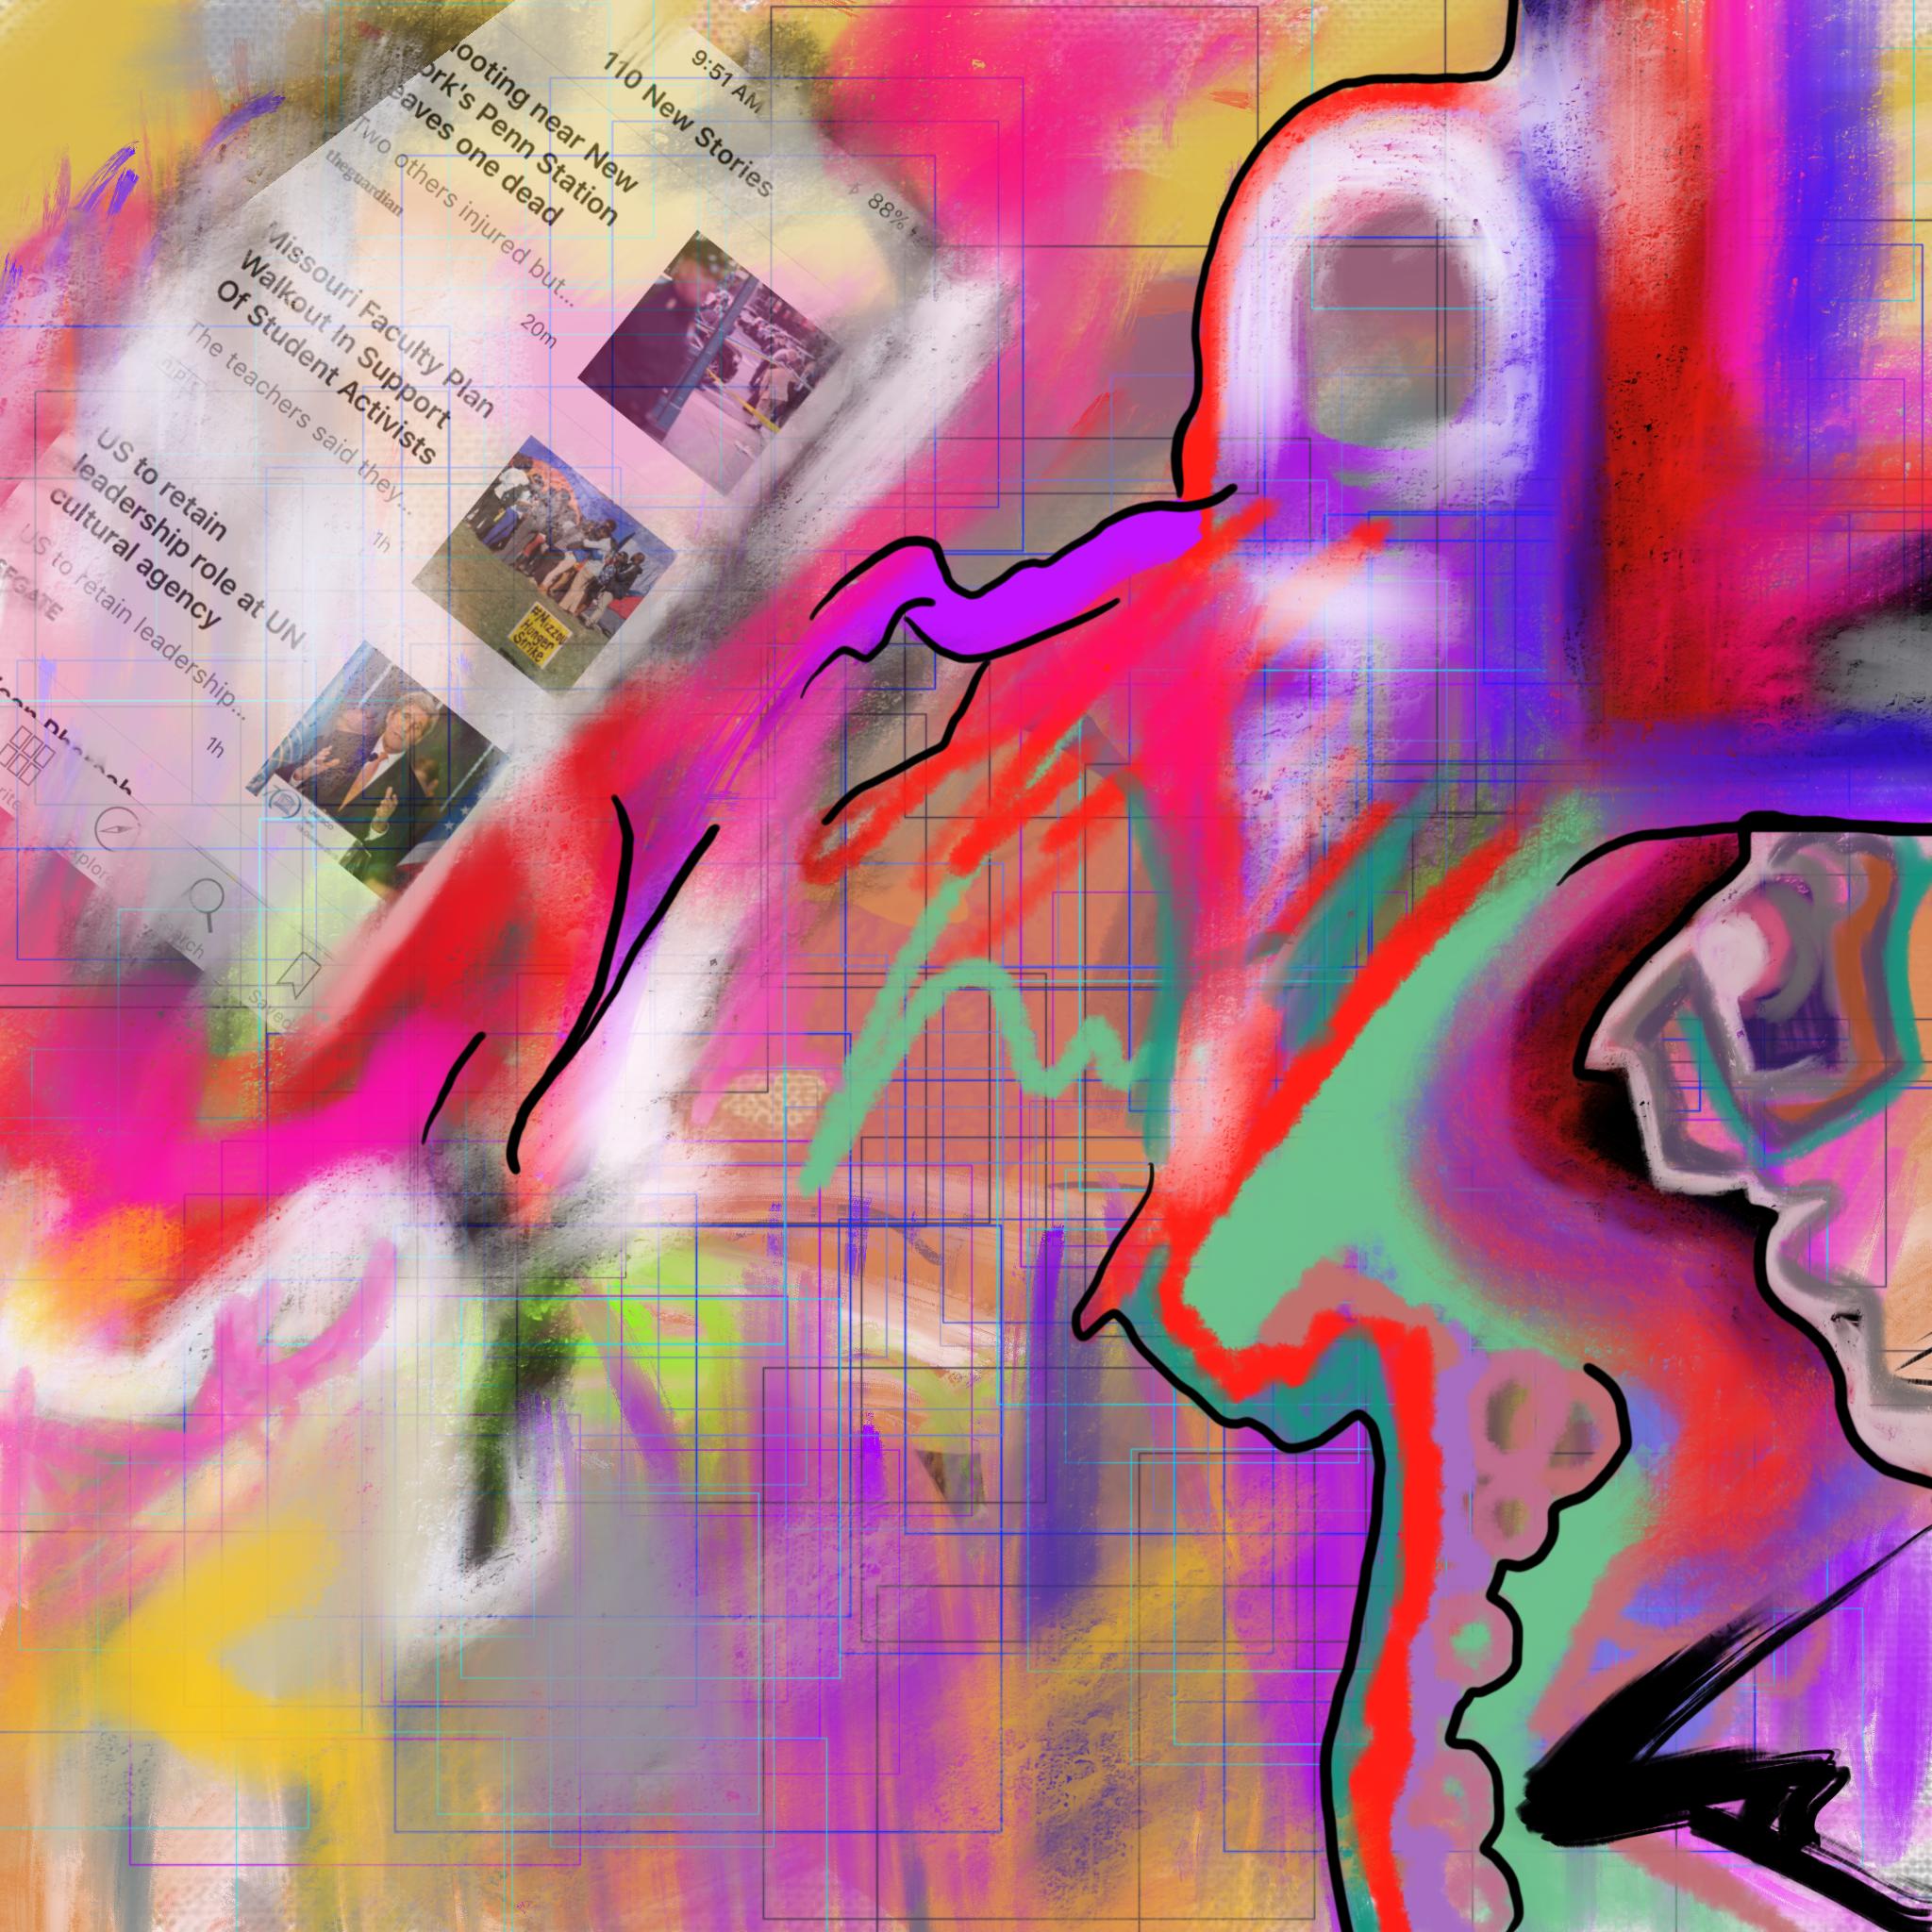 Untitled_Artwork 12.png